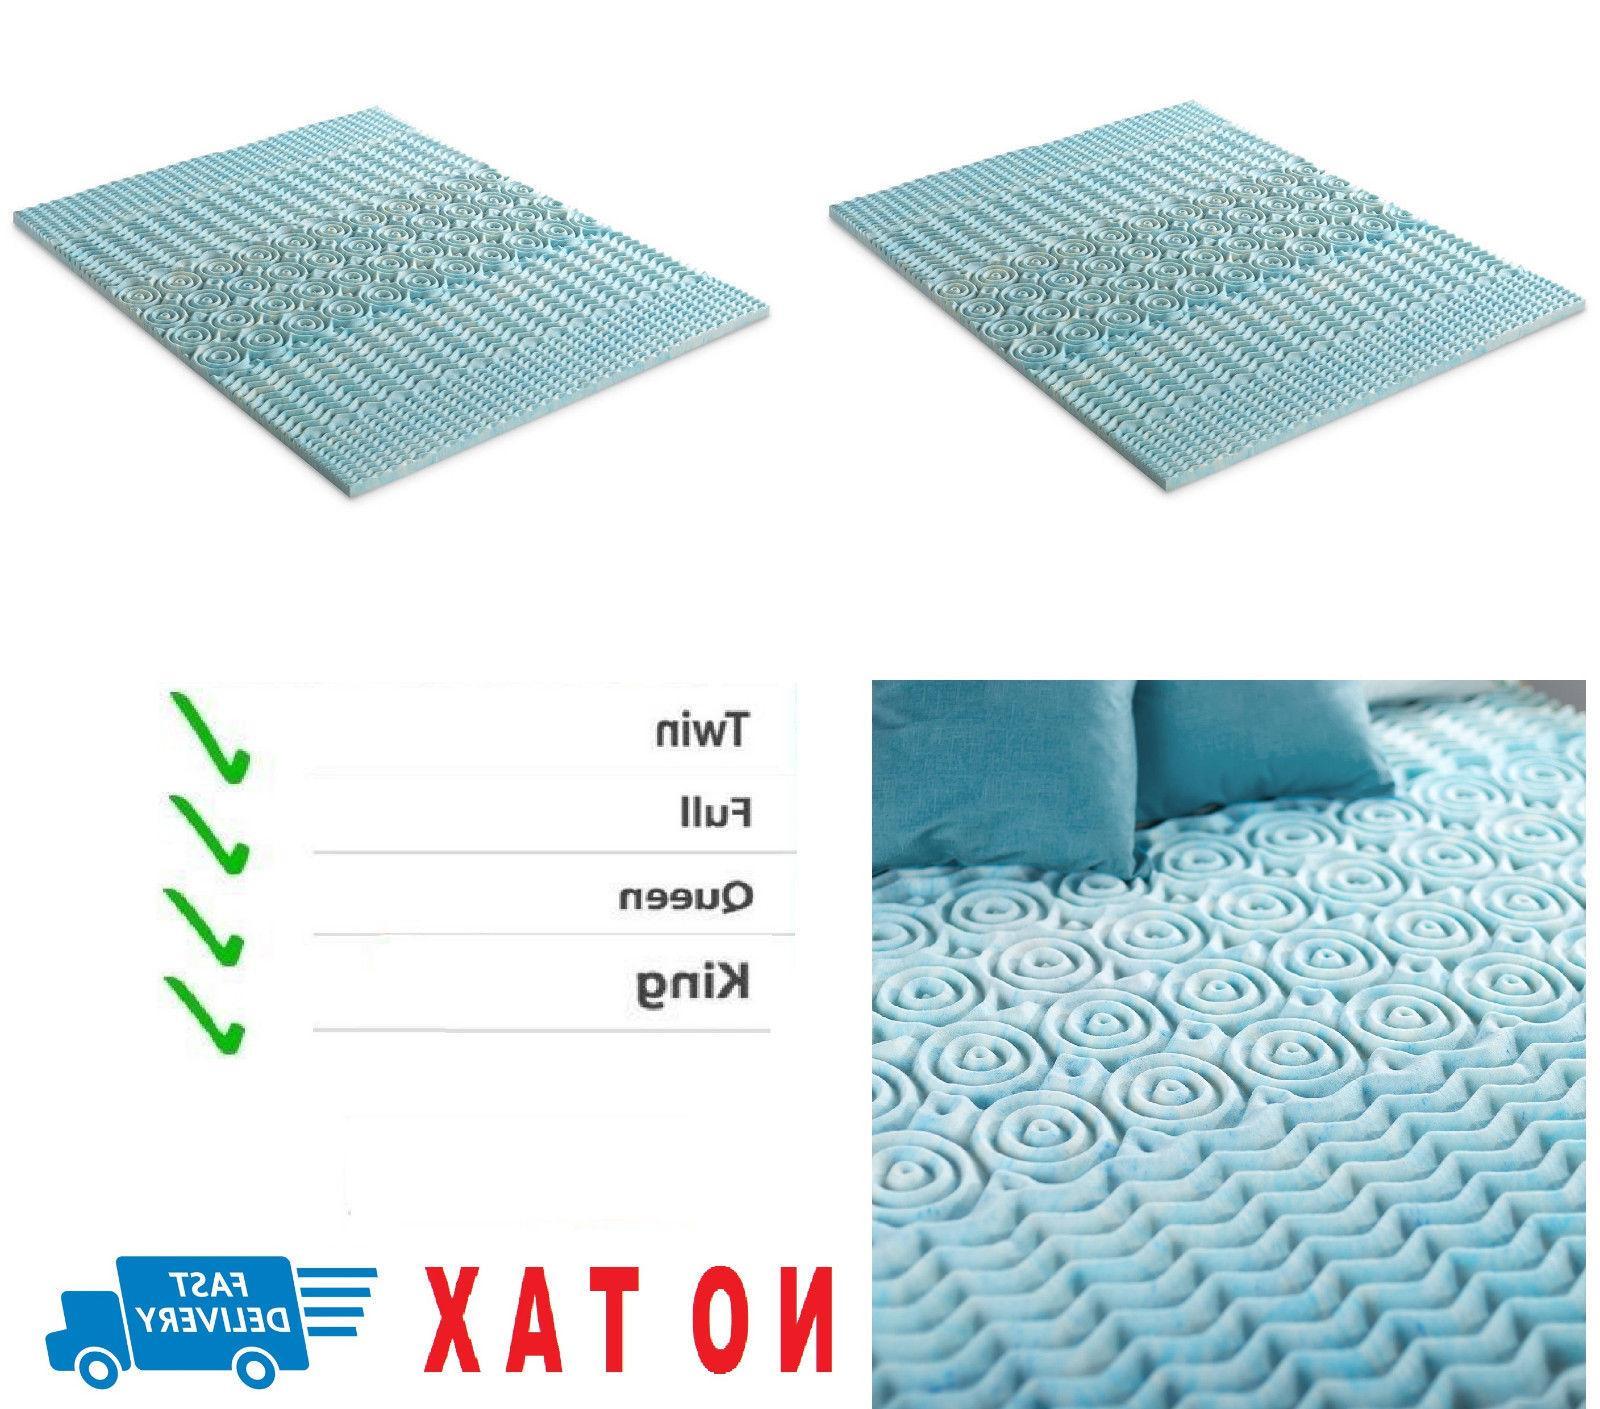 2 inch cooling gel memory foam mattress